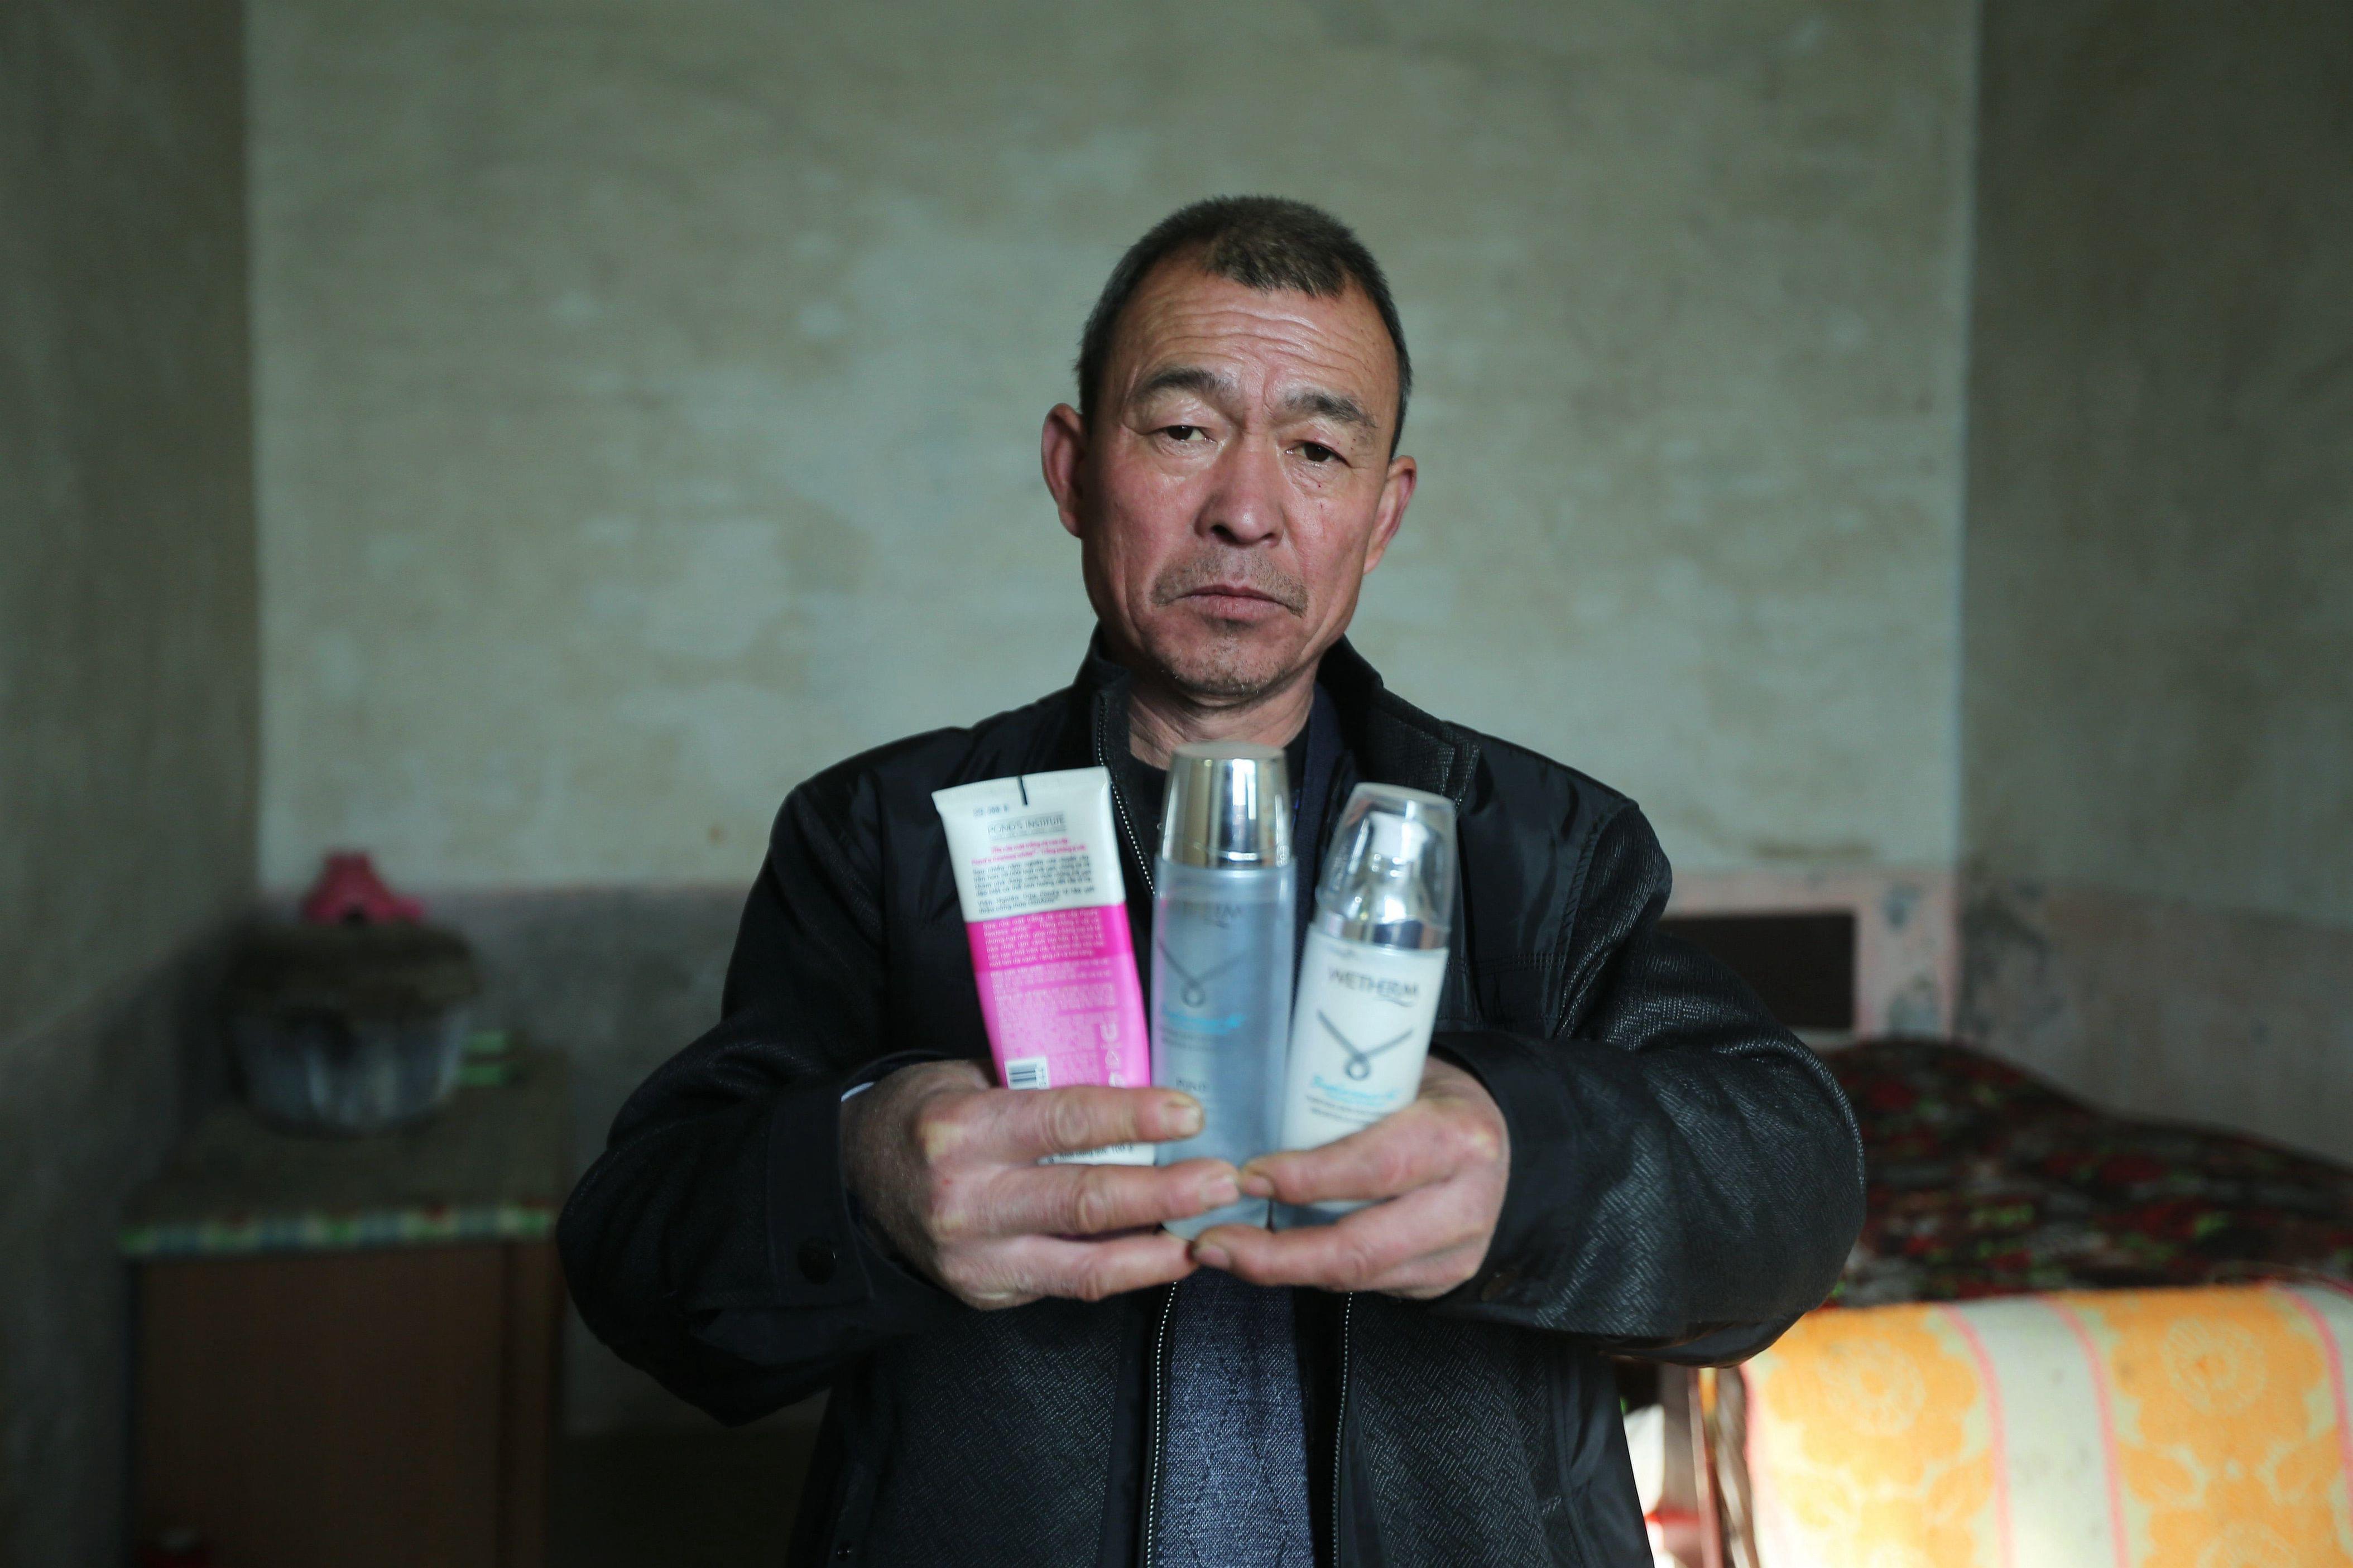 2014年12月12日,河北邯郸。农村娶妻动辄要20多万彩礼,娶越南媳妇成为选择。/视觉中国